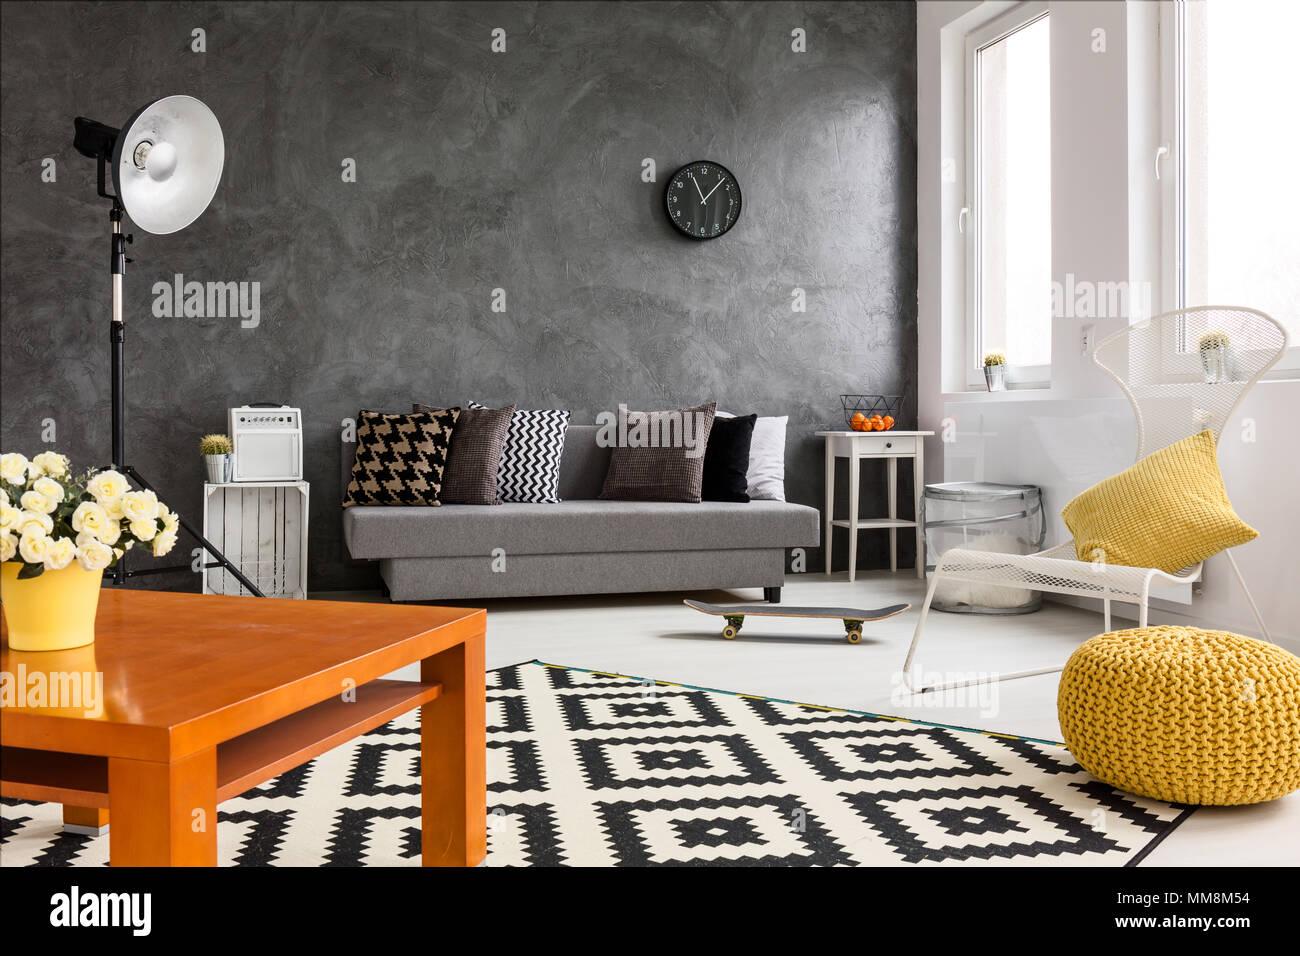 Grigio e bianco soggiorno con decorazioni arancione rendendo stanza ...